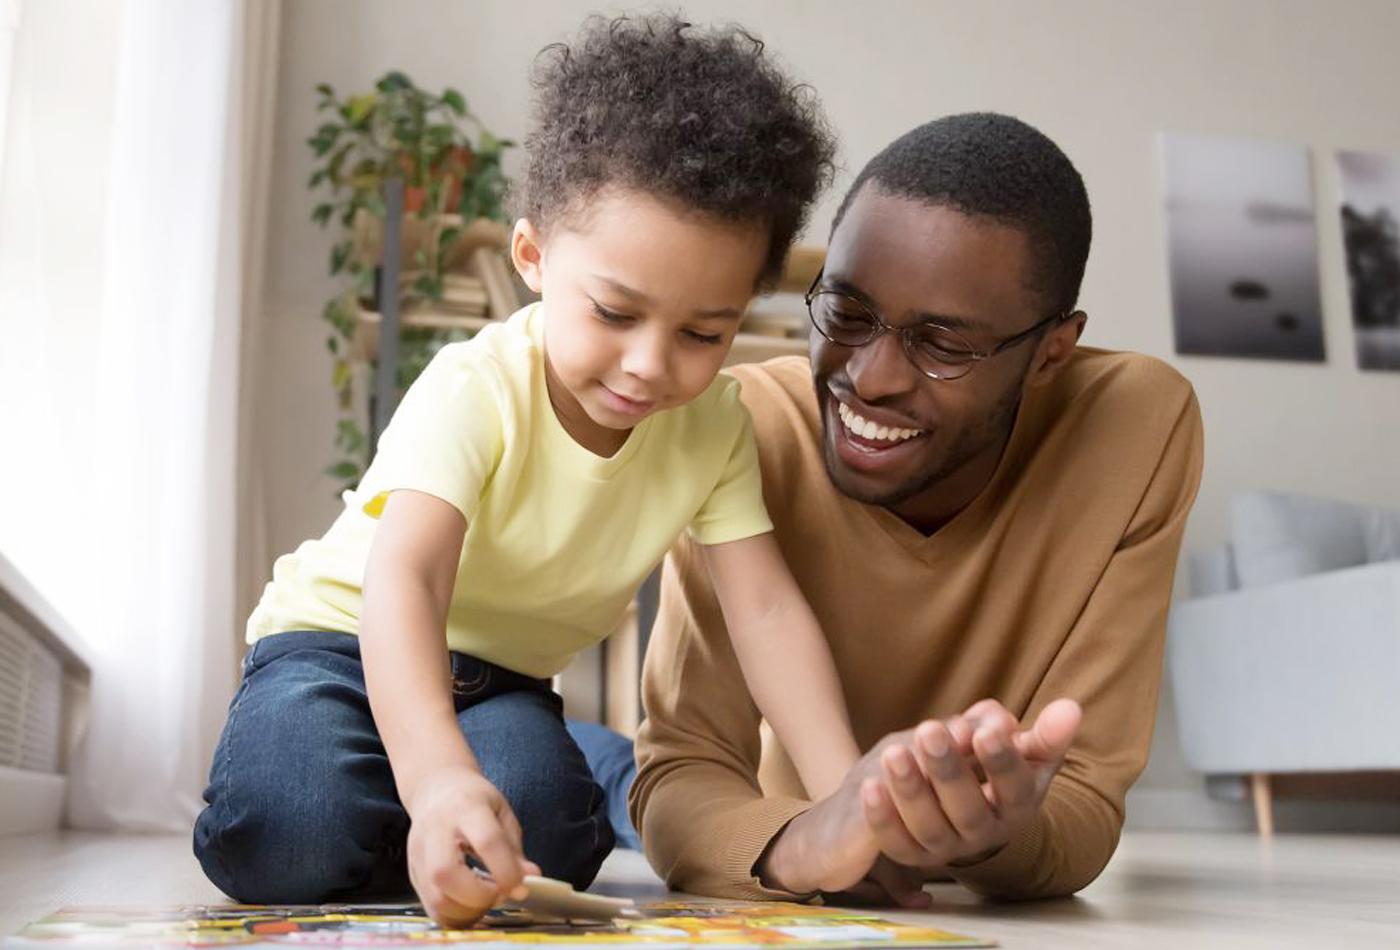 لنعلّم أطفالنا حلاوة التفكير معنا في المنزل